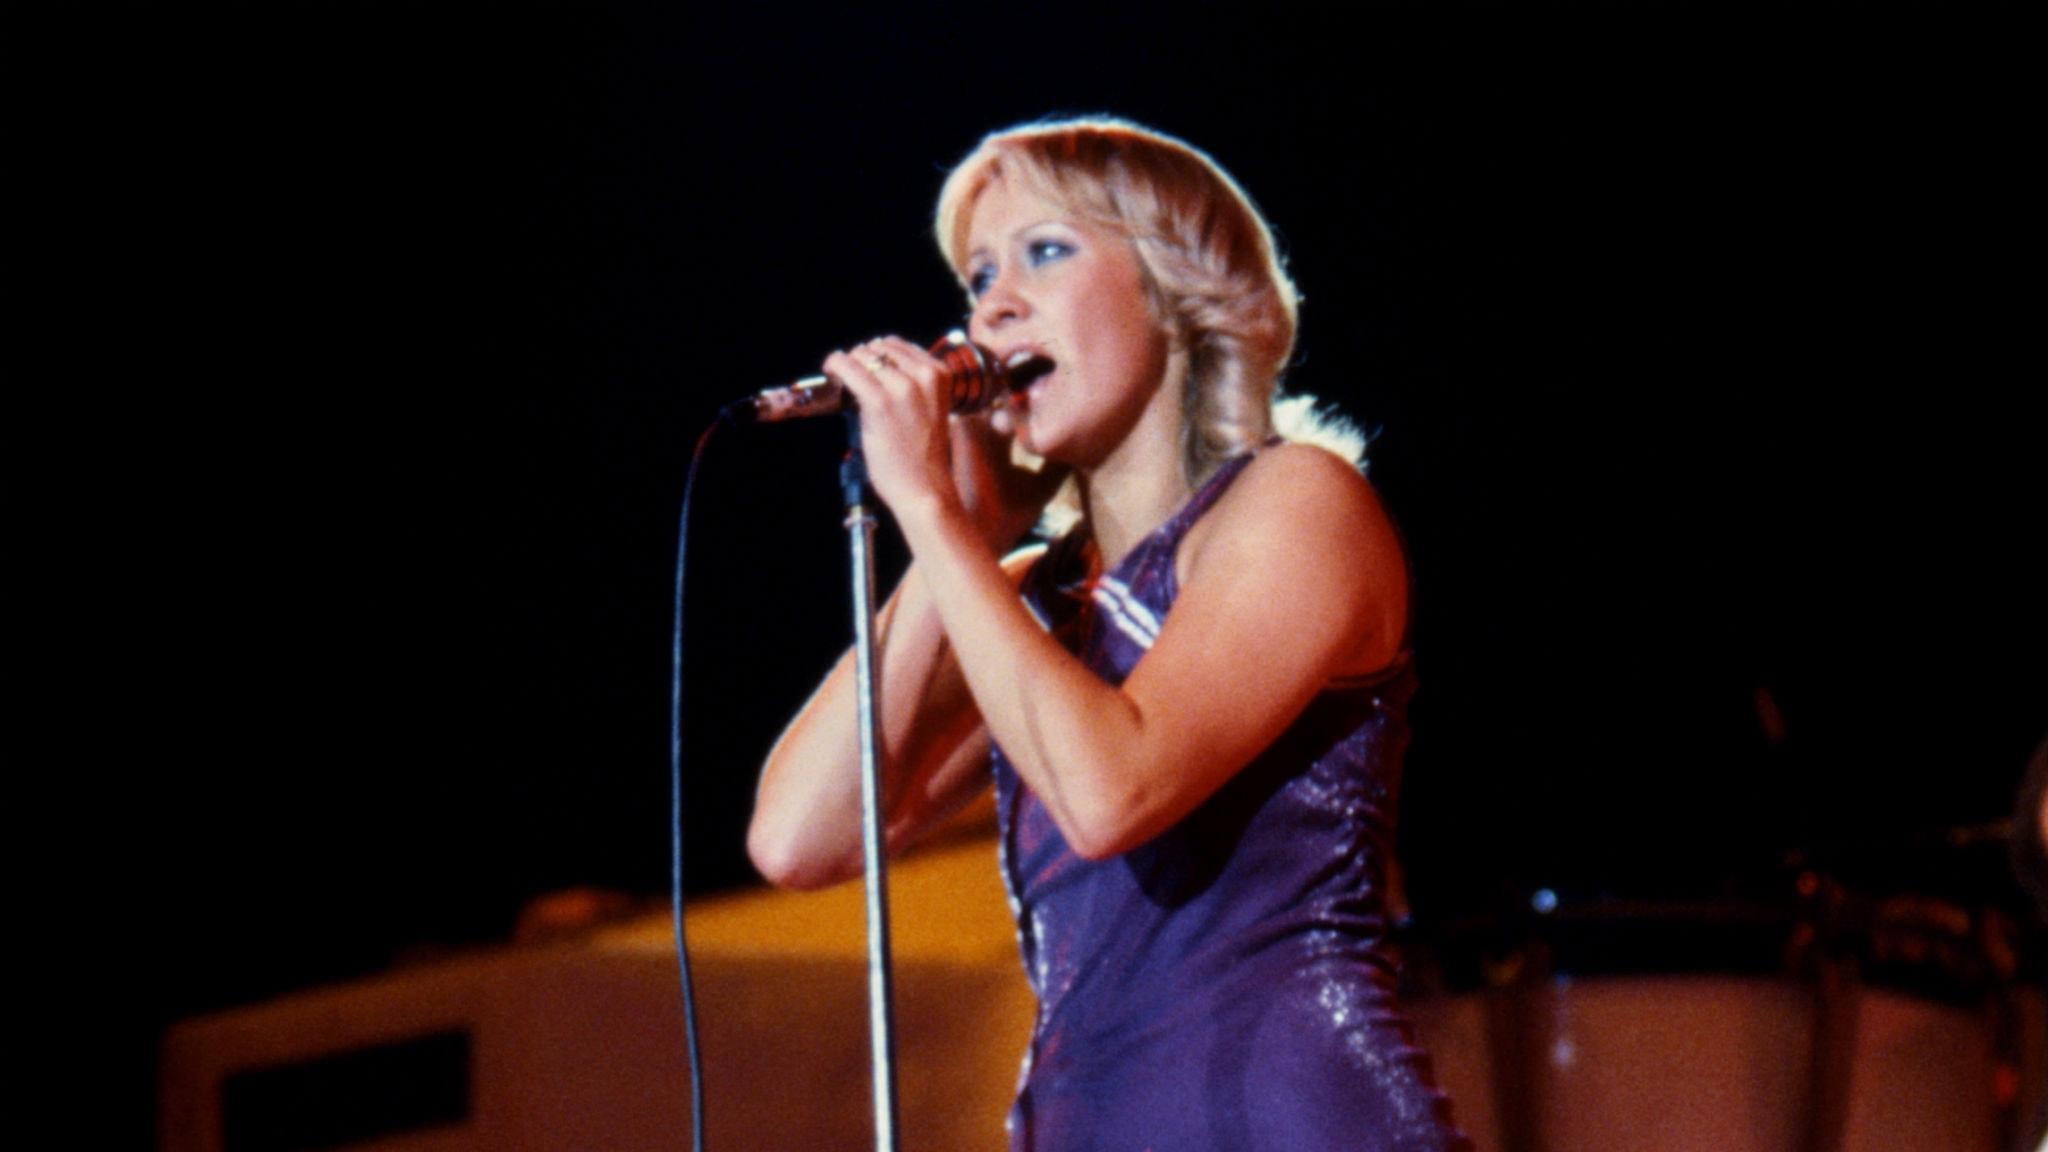 Agnetha Fältskog hade stora sommarhitten 1983